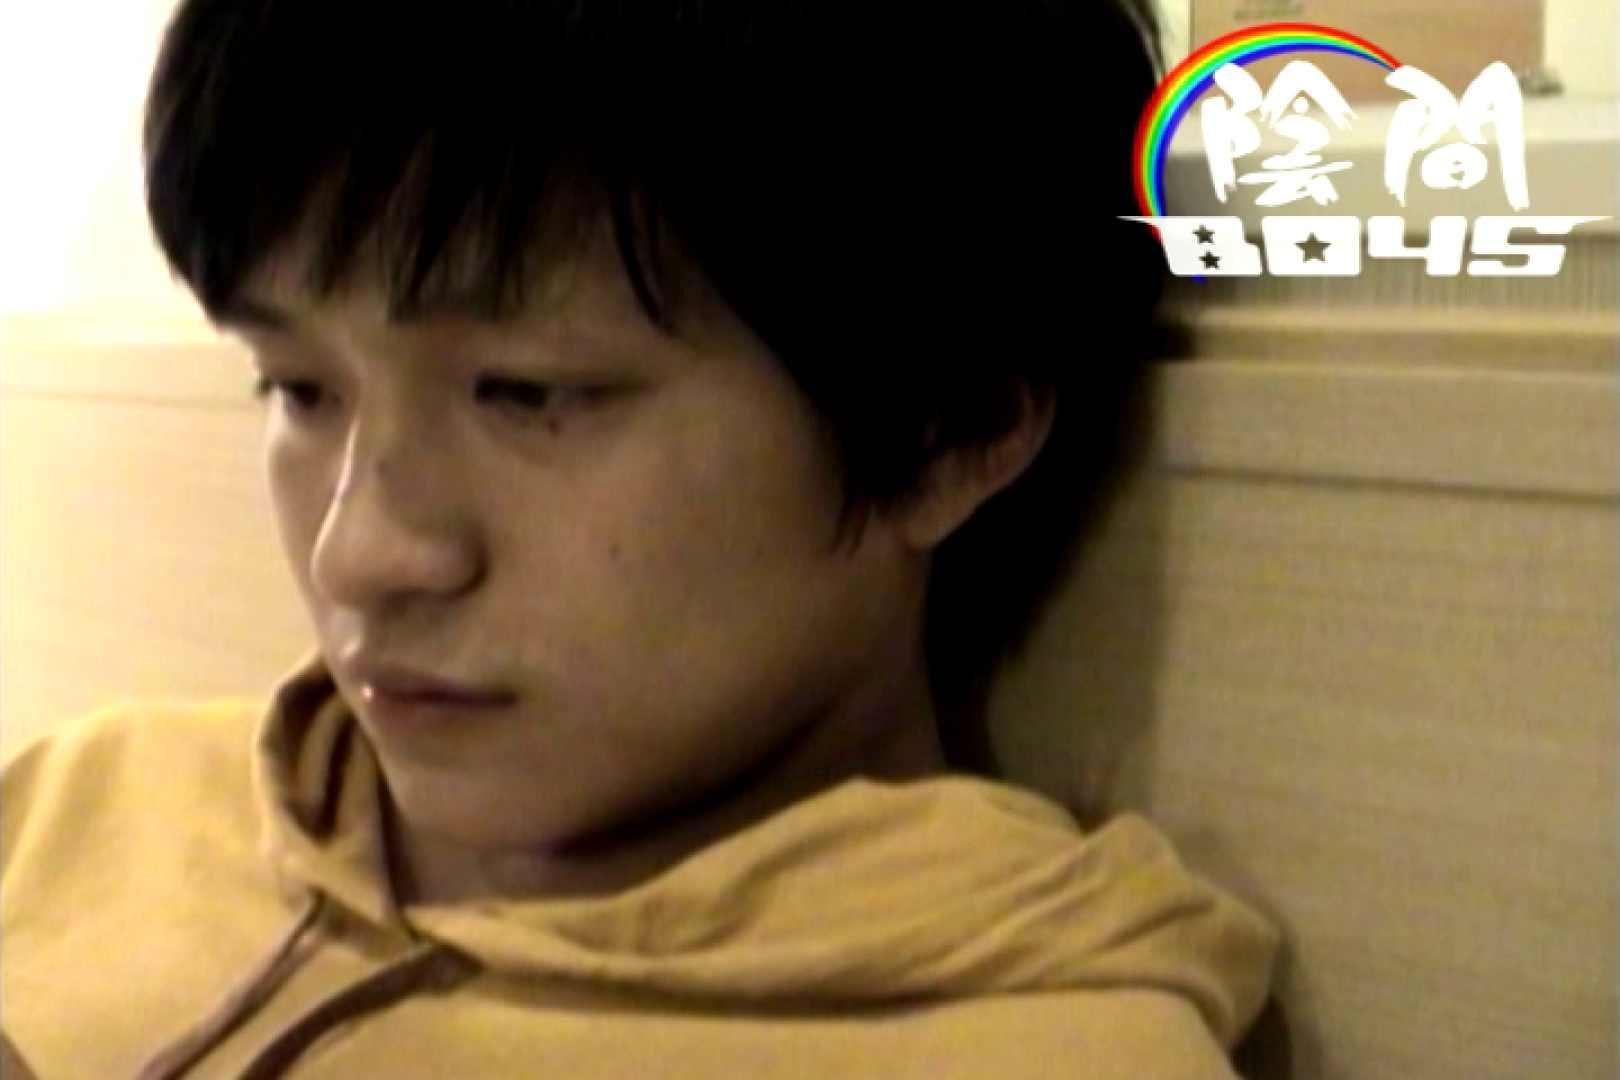 陰間BOYS~My holiday~01 お手で! | モザイク無し AV動画 109pic 105